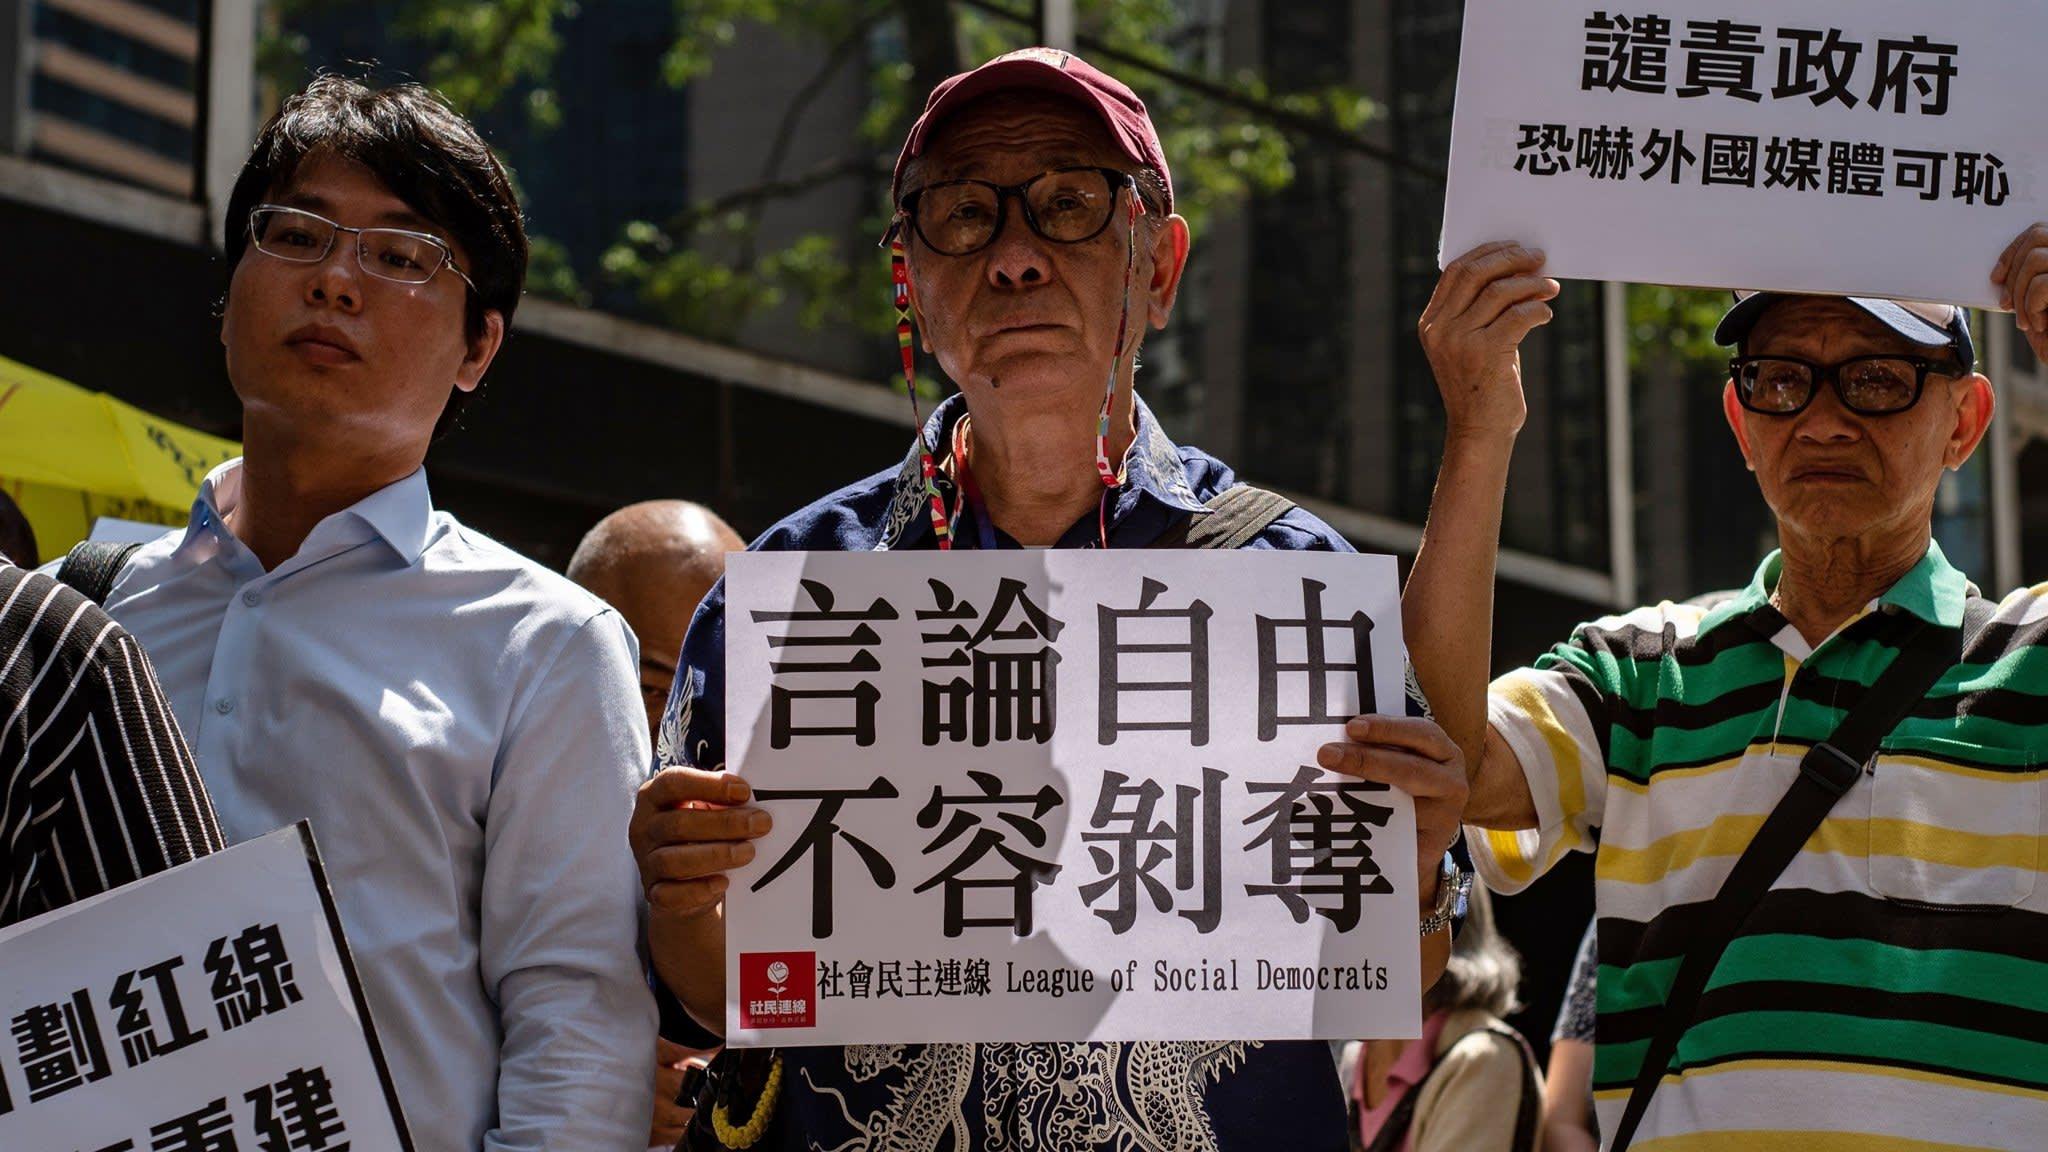 Hong Kong's move against free speech